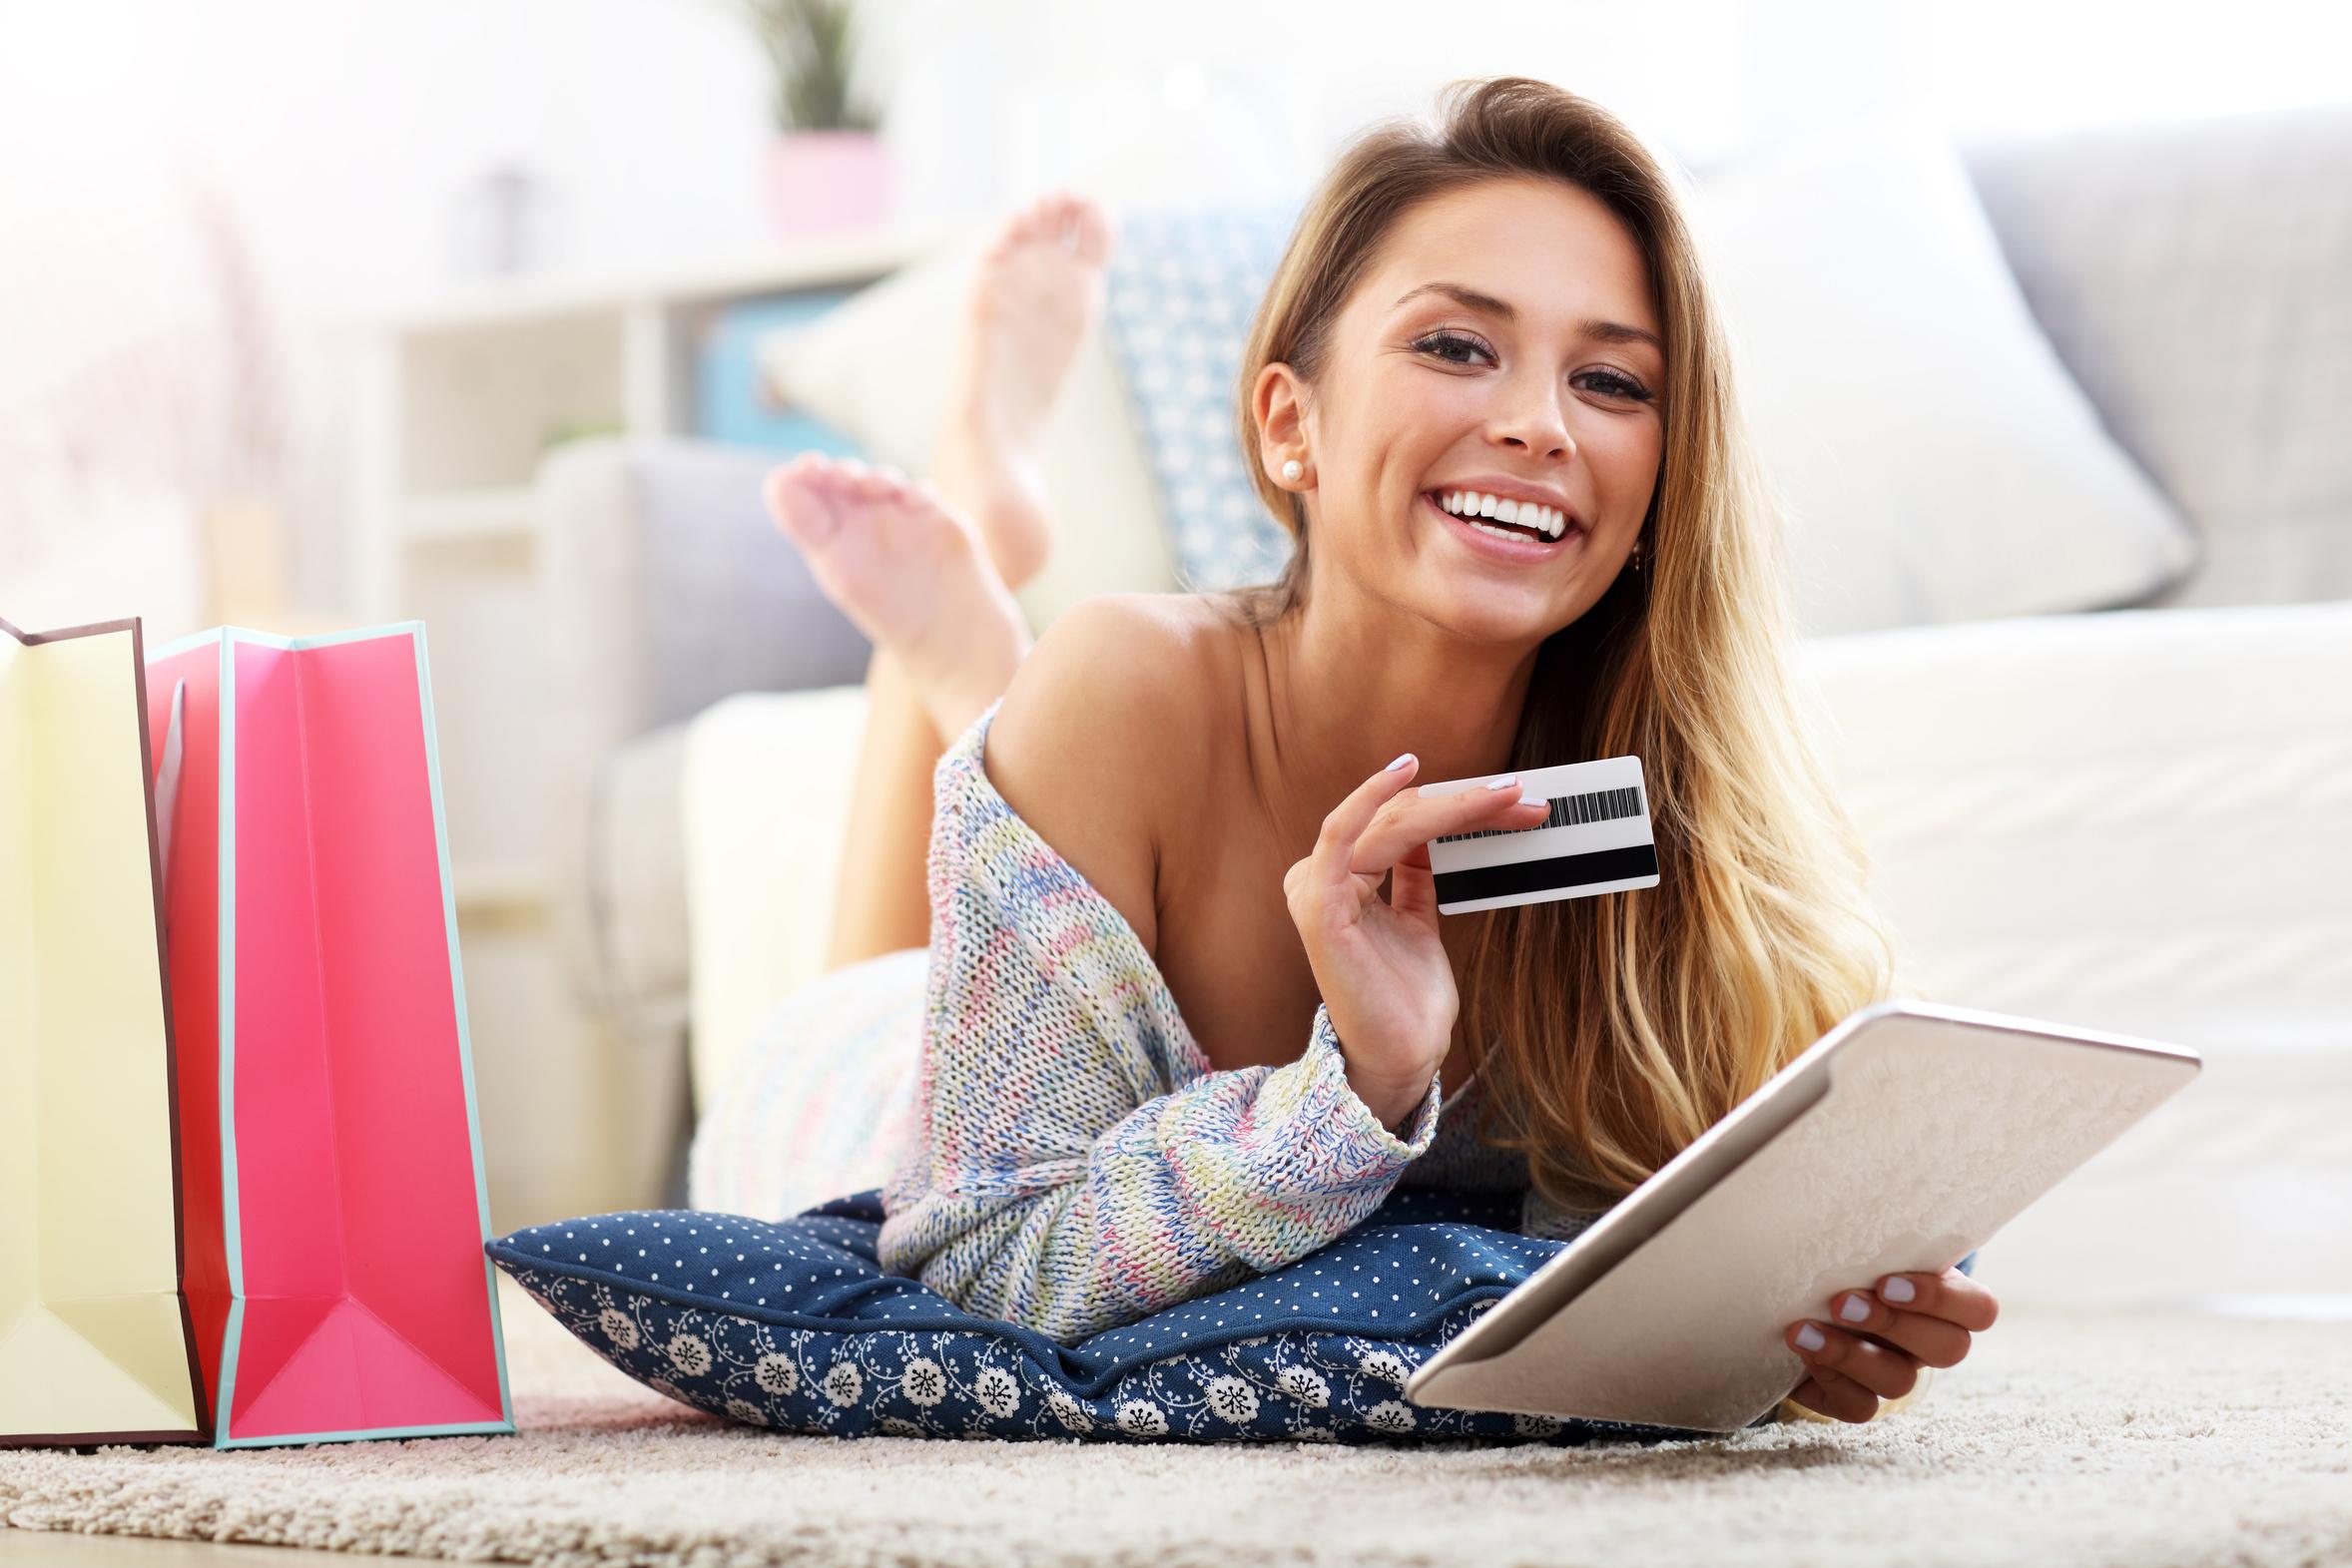 frau mit kreditkarte kauft online ein, mehr umsatz mit gaxsys